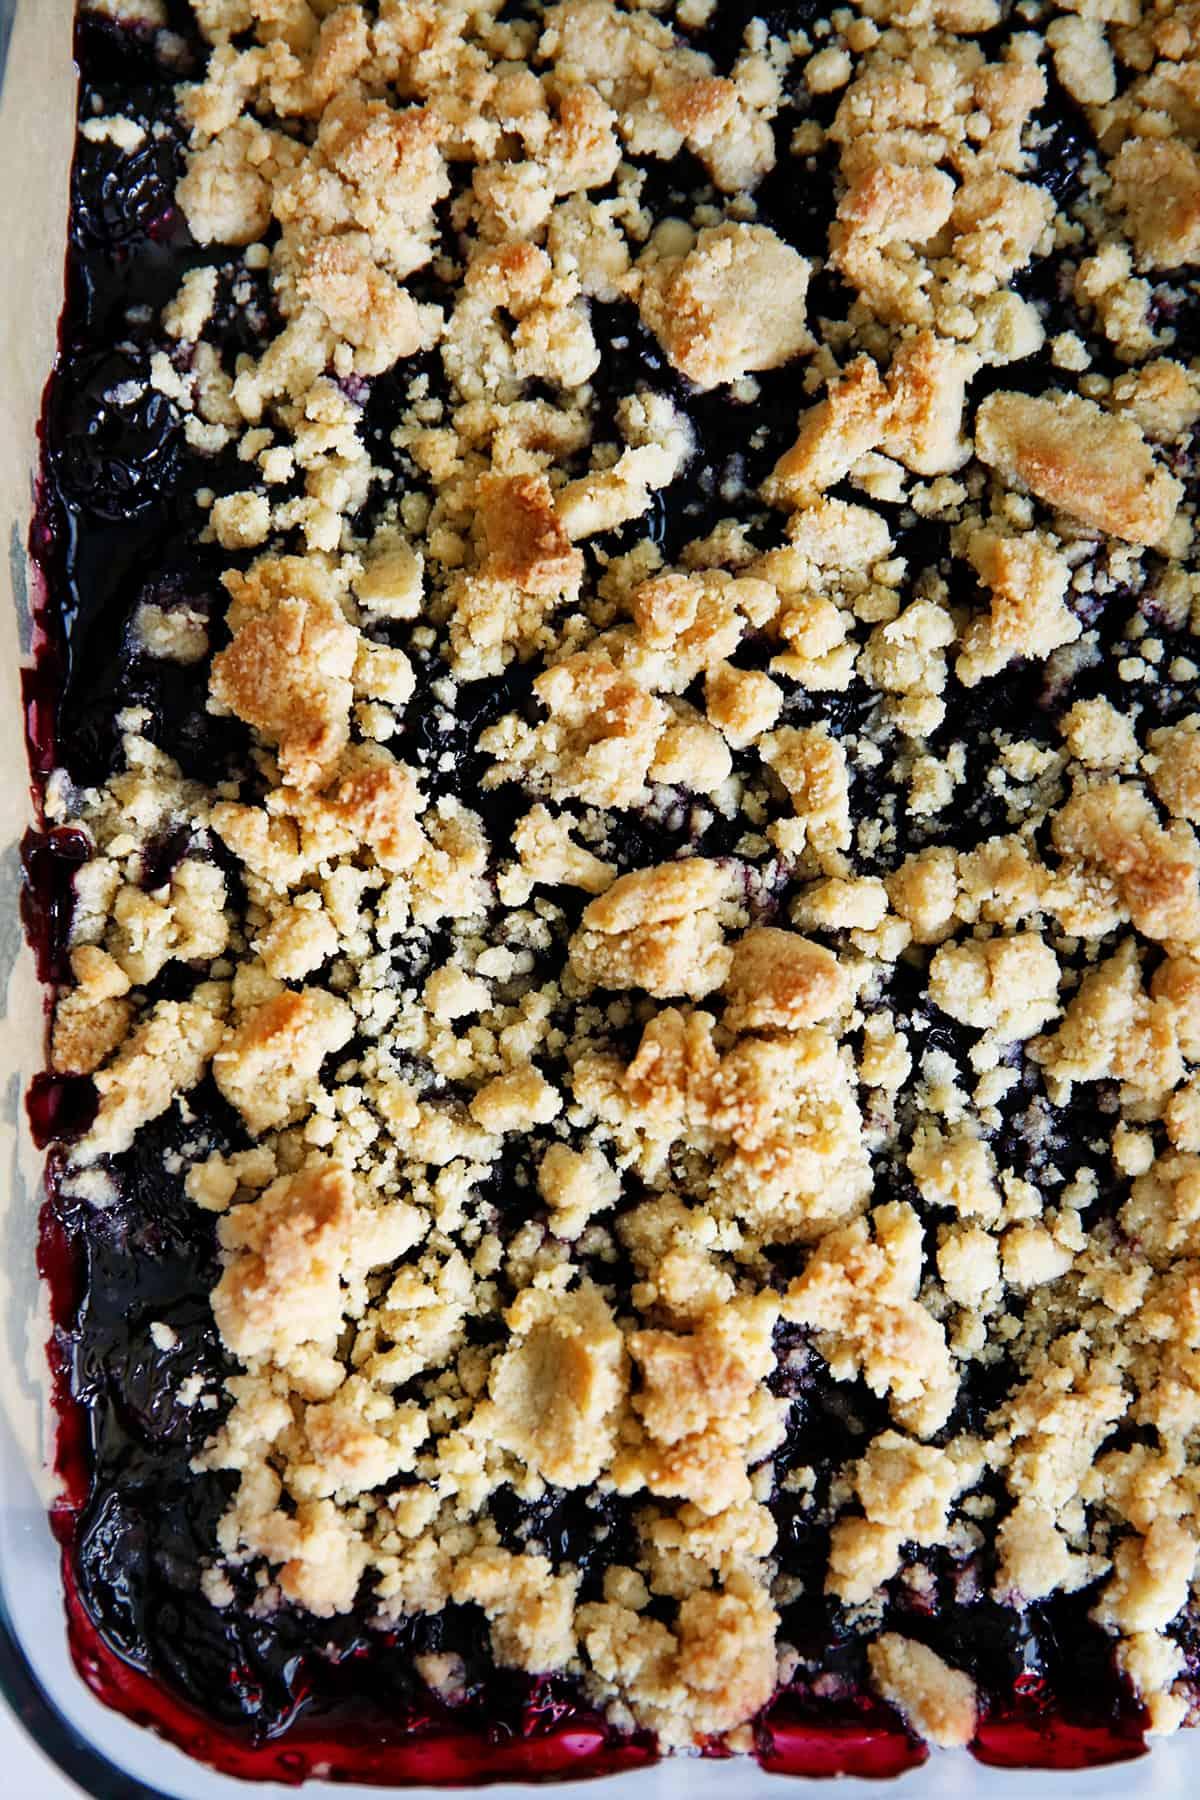 Top view of gluten-free cherry pie bars